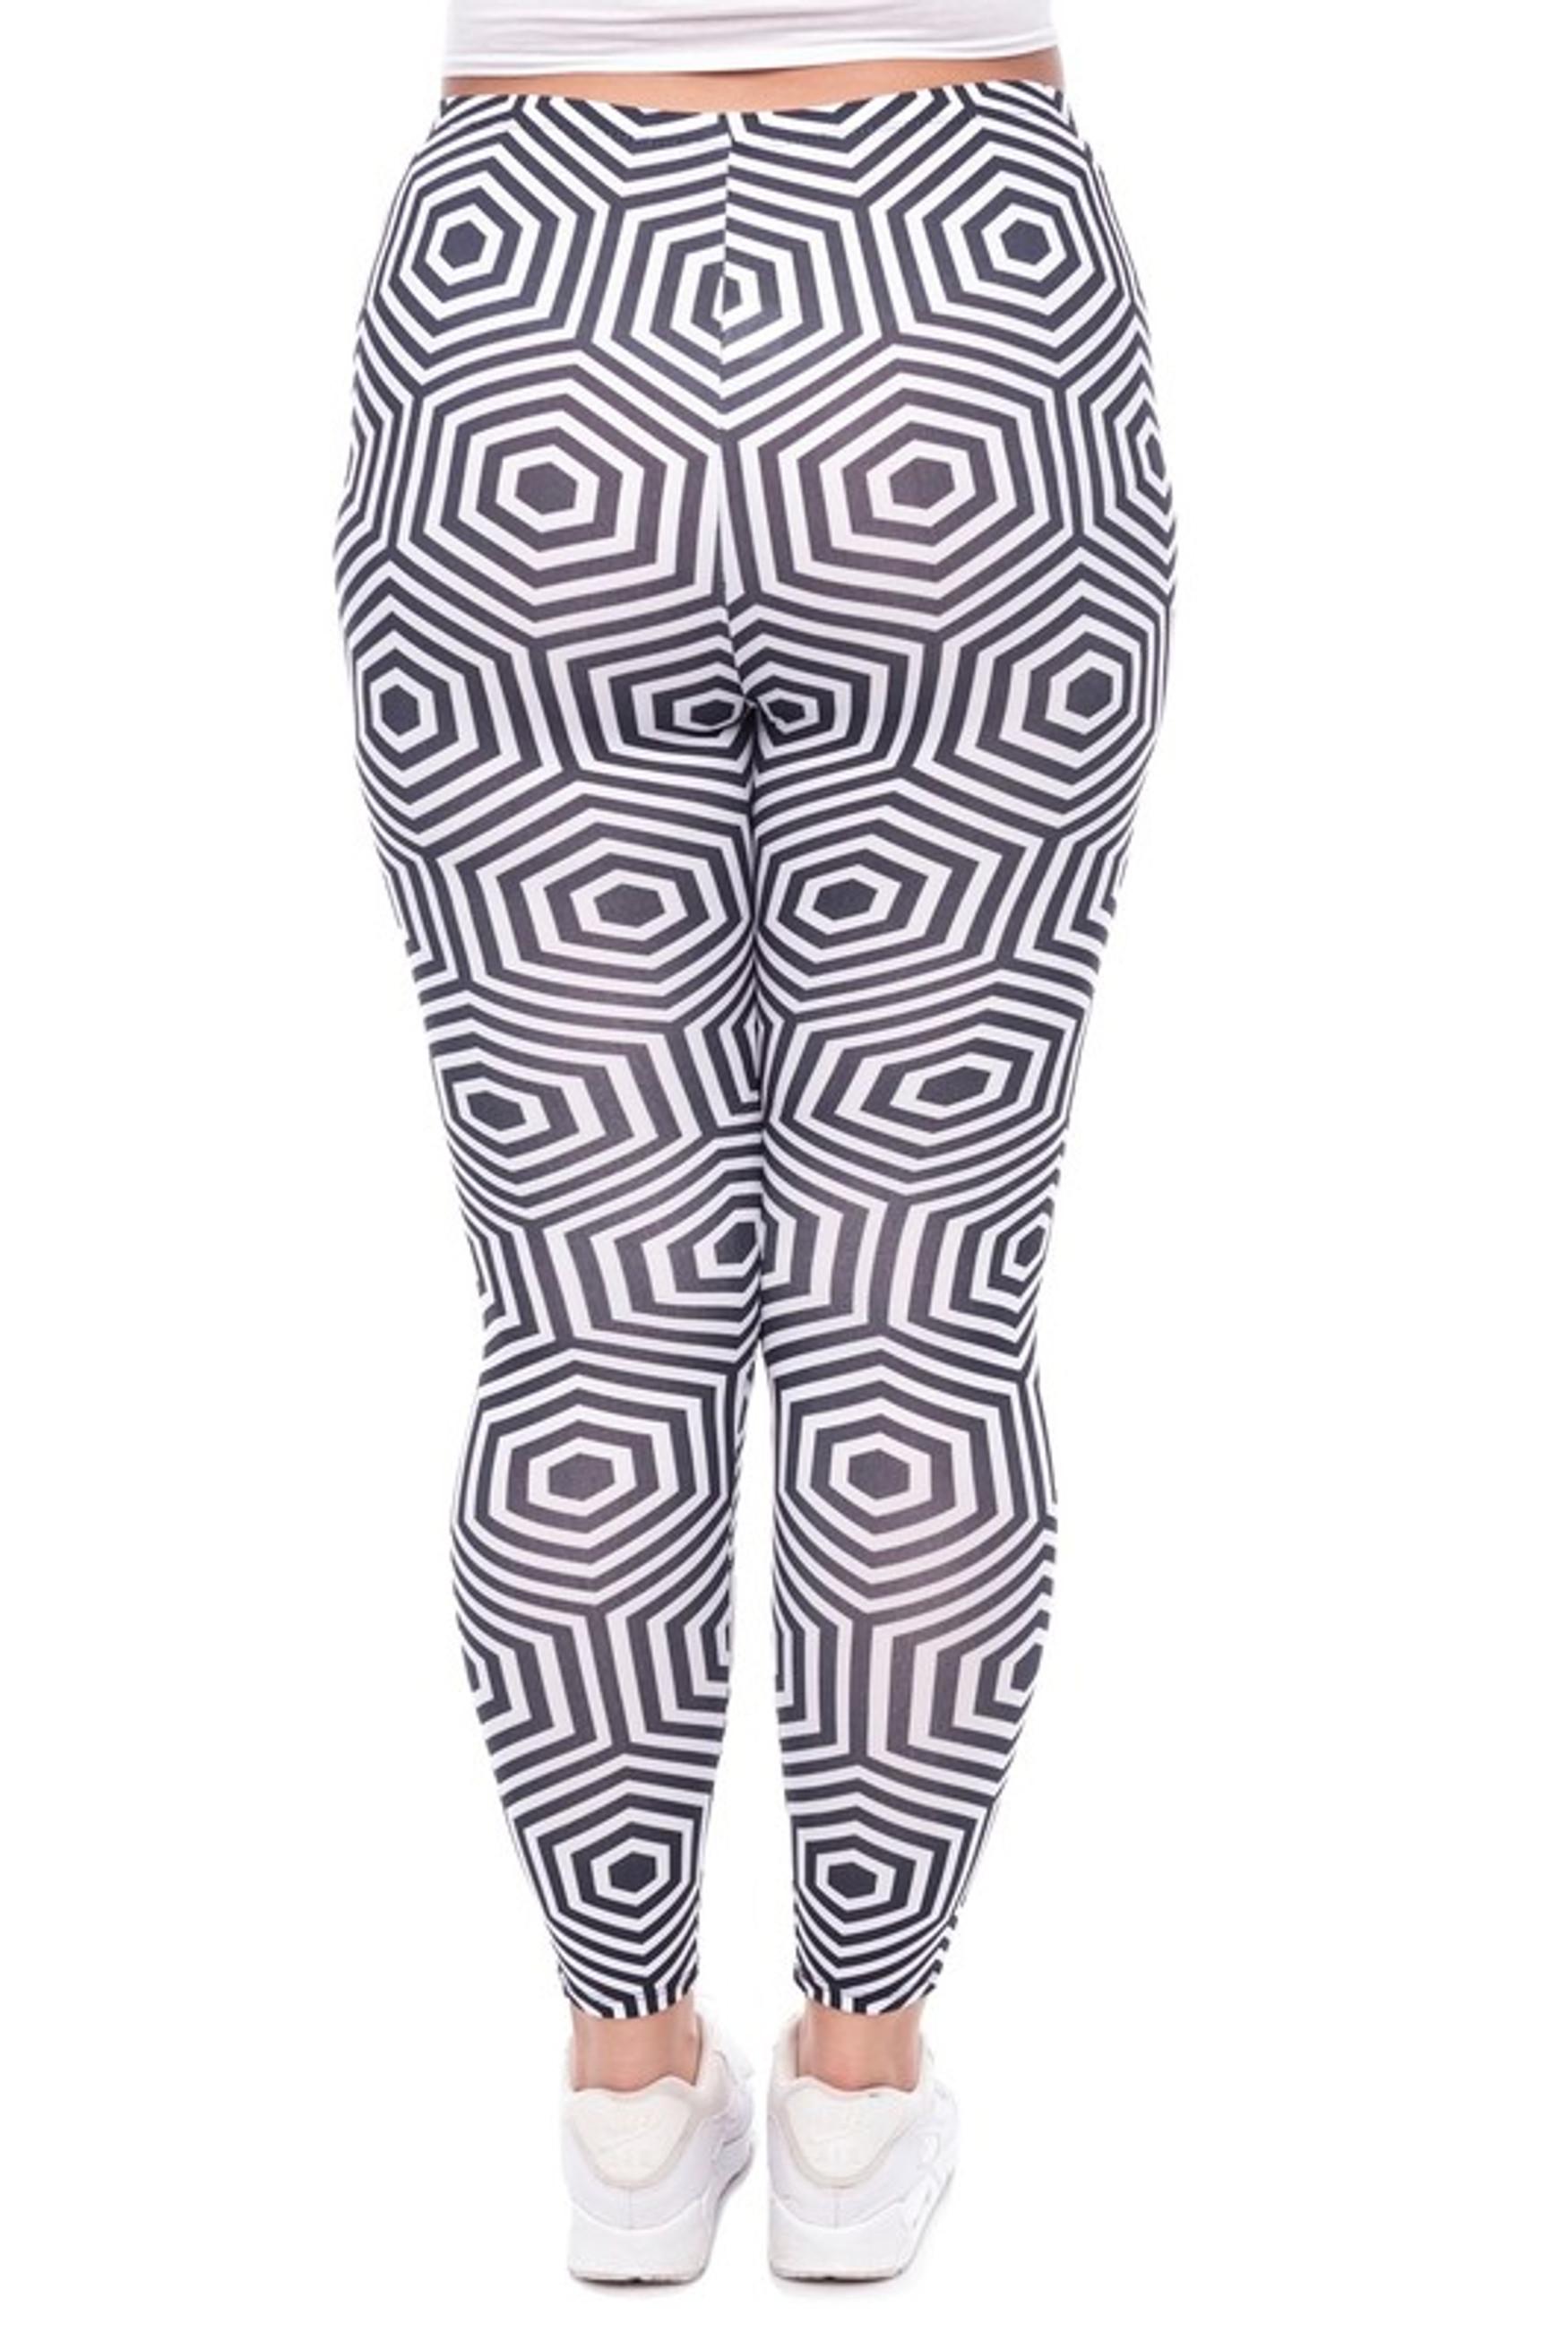 Vision Illusion Leggings - Plus Size